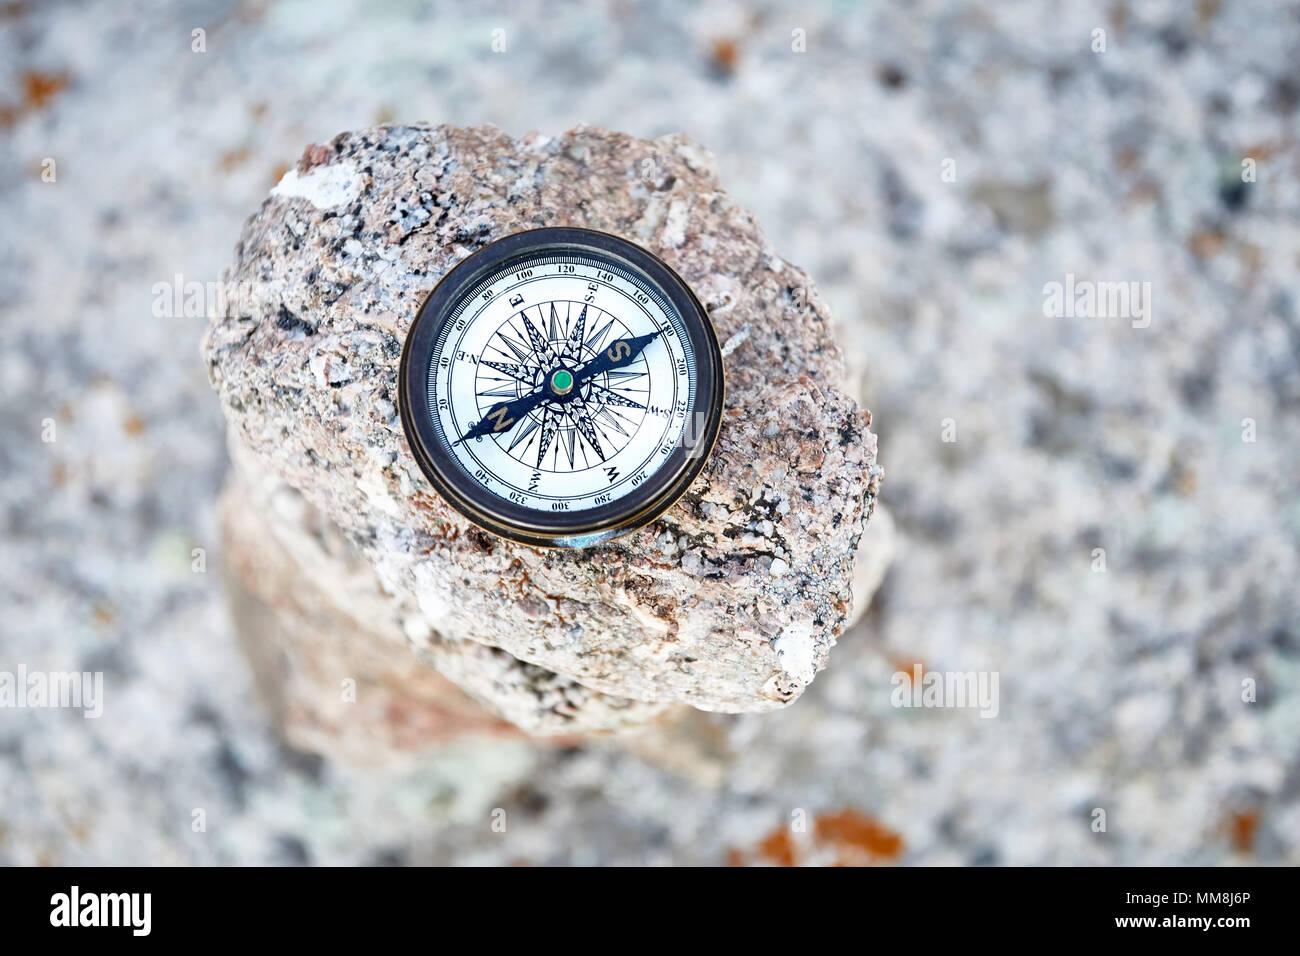 Round Vintage compas sur la base en pierre. Voyages et aventures concept. Photo Stock